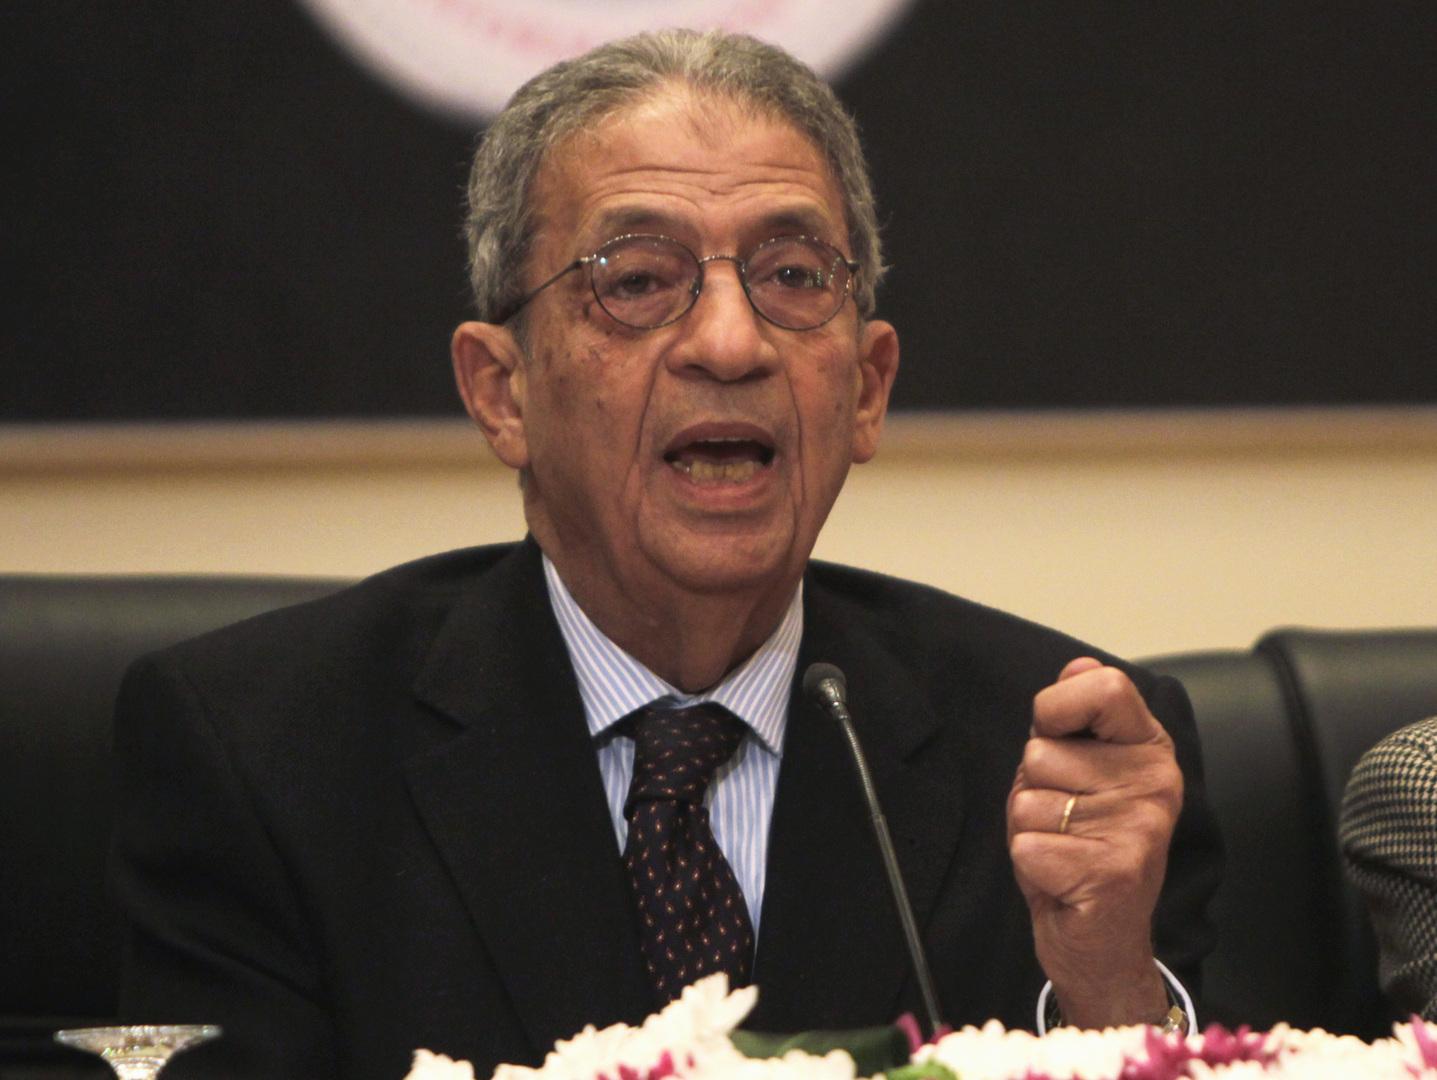 عمرو موسى يعلق على علاقة مصر  مع الإدارة الأمريكية الجديدة